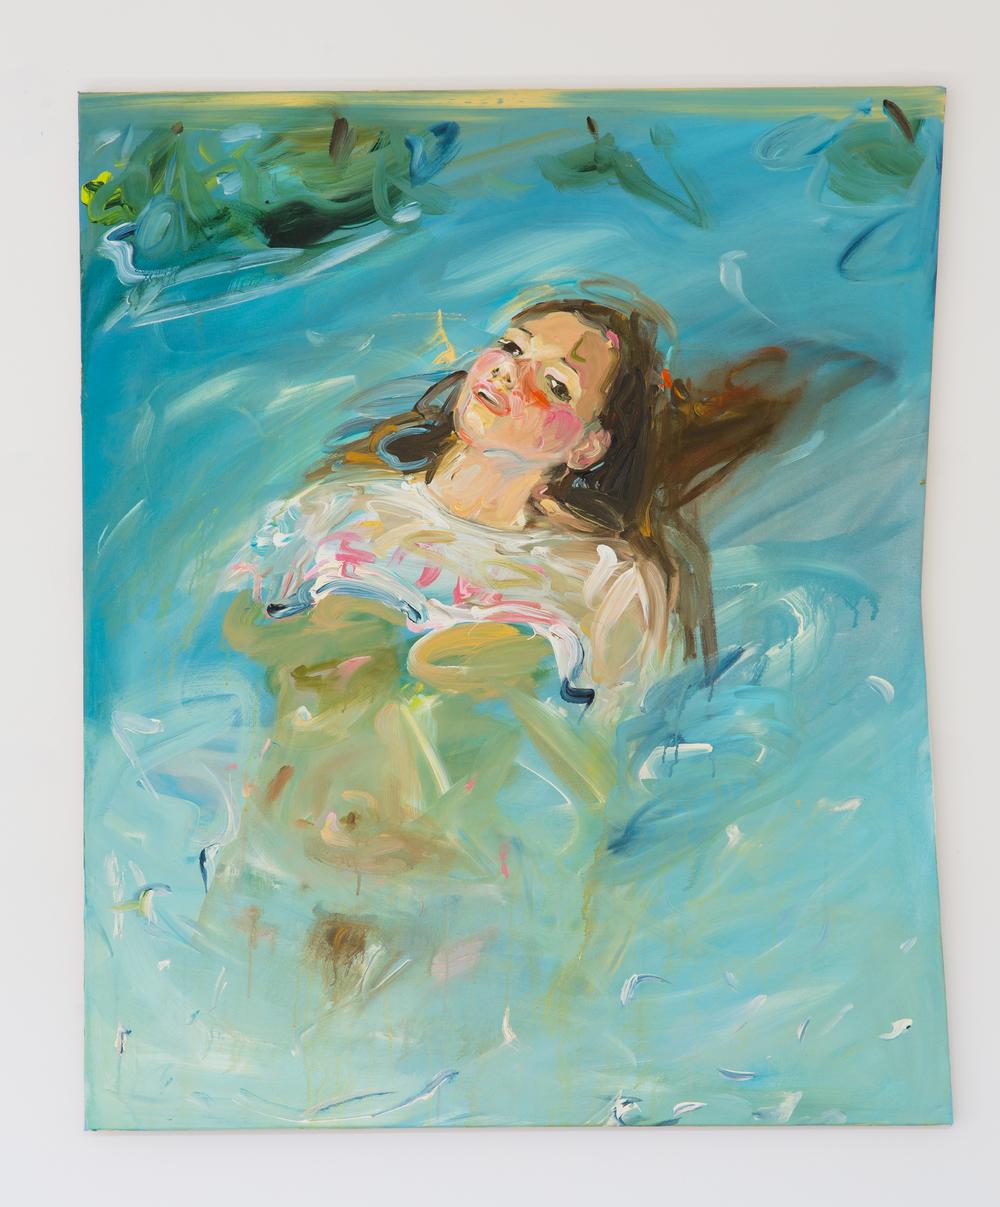 34. Katarina Janečková   Rusovláska, na hrudi láska   2013, akryl na plátně   120 x 100 cm